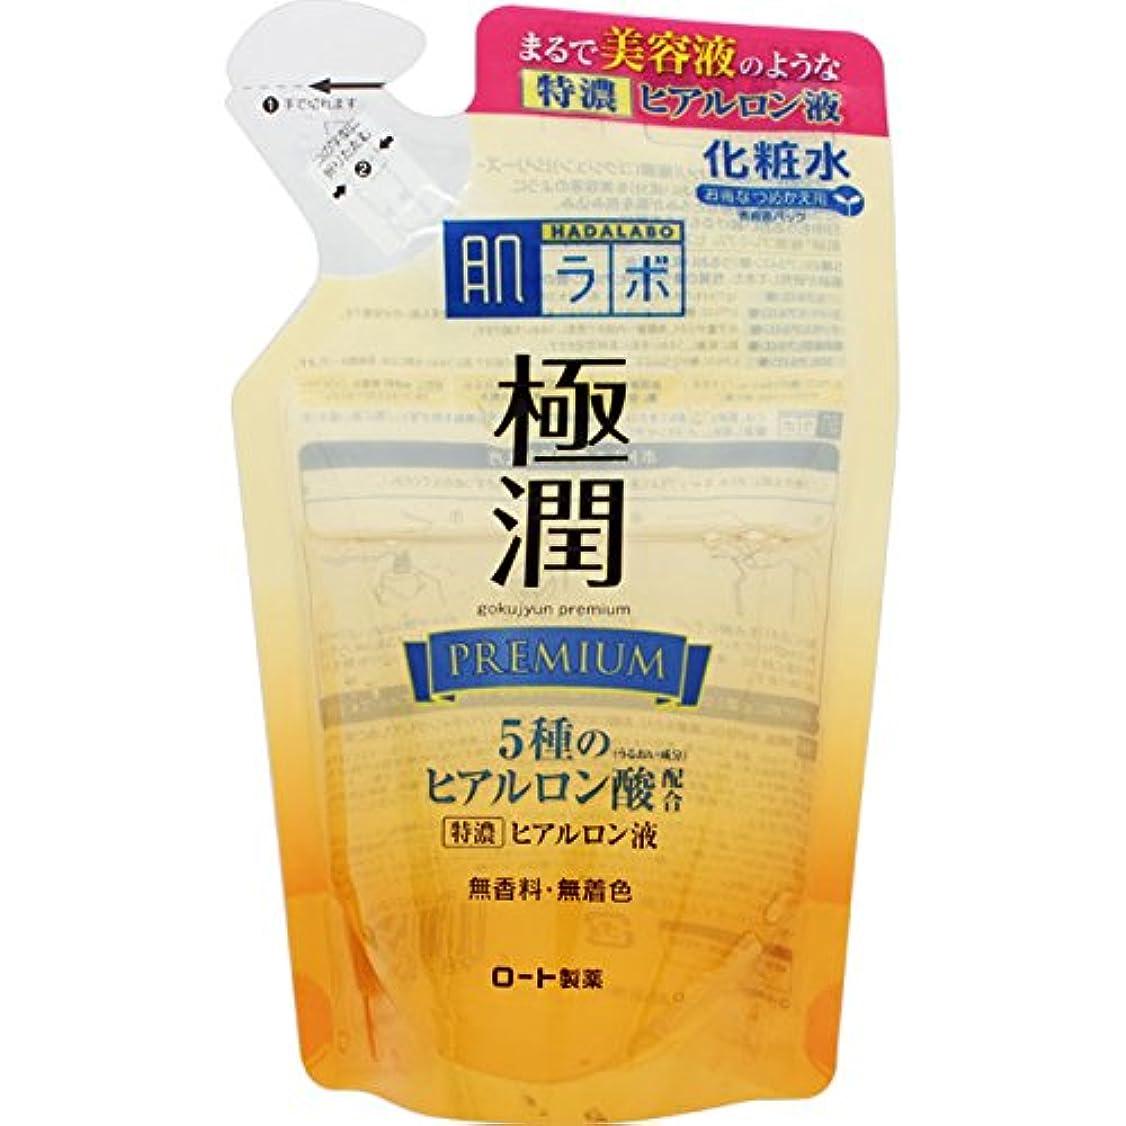 一節さらに楽観肌ラボ 極潤プレミアム 特濃ヒアルロン液 ヒアルロン酸5種類×サクラン配合 詰替用 170mL